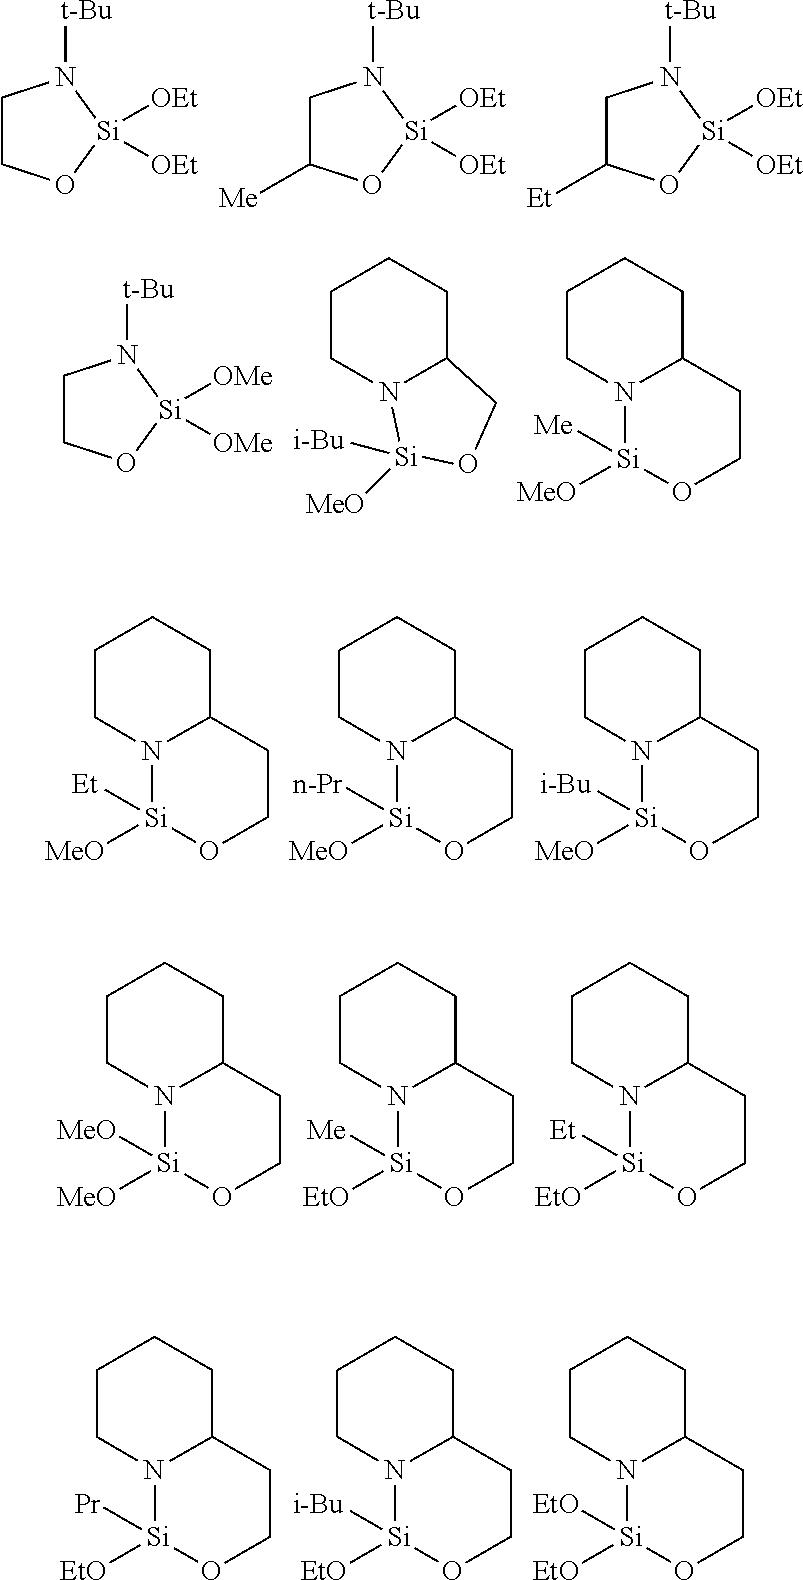 Figure US20130109820A1-20130502-C00004